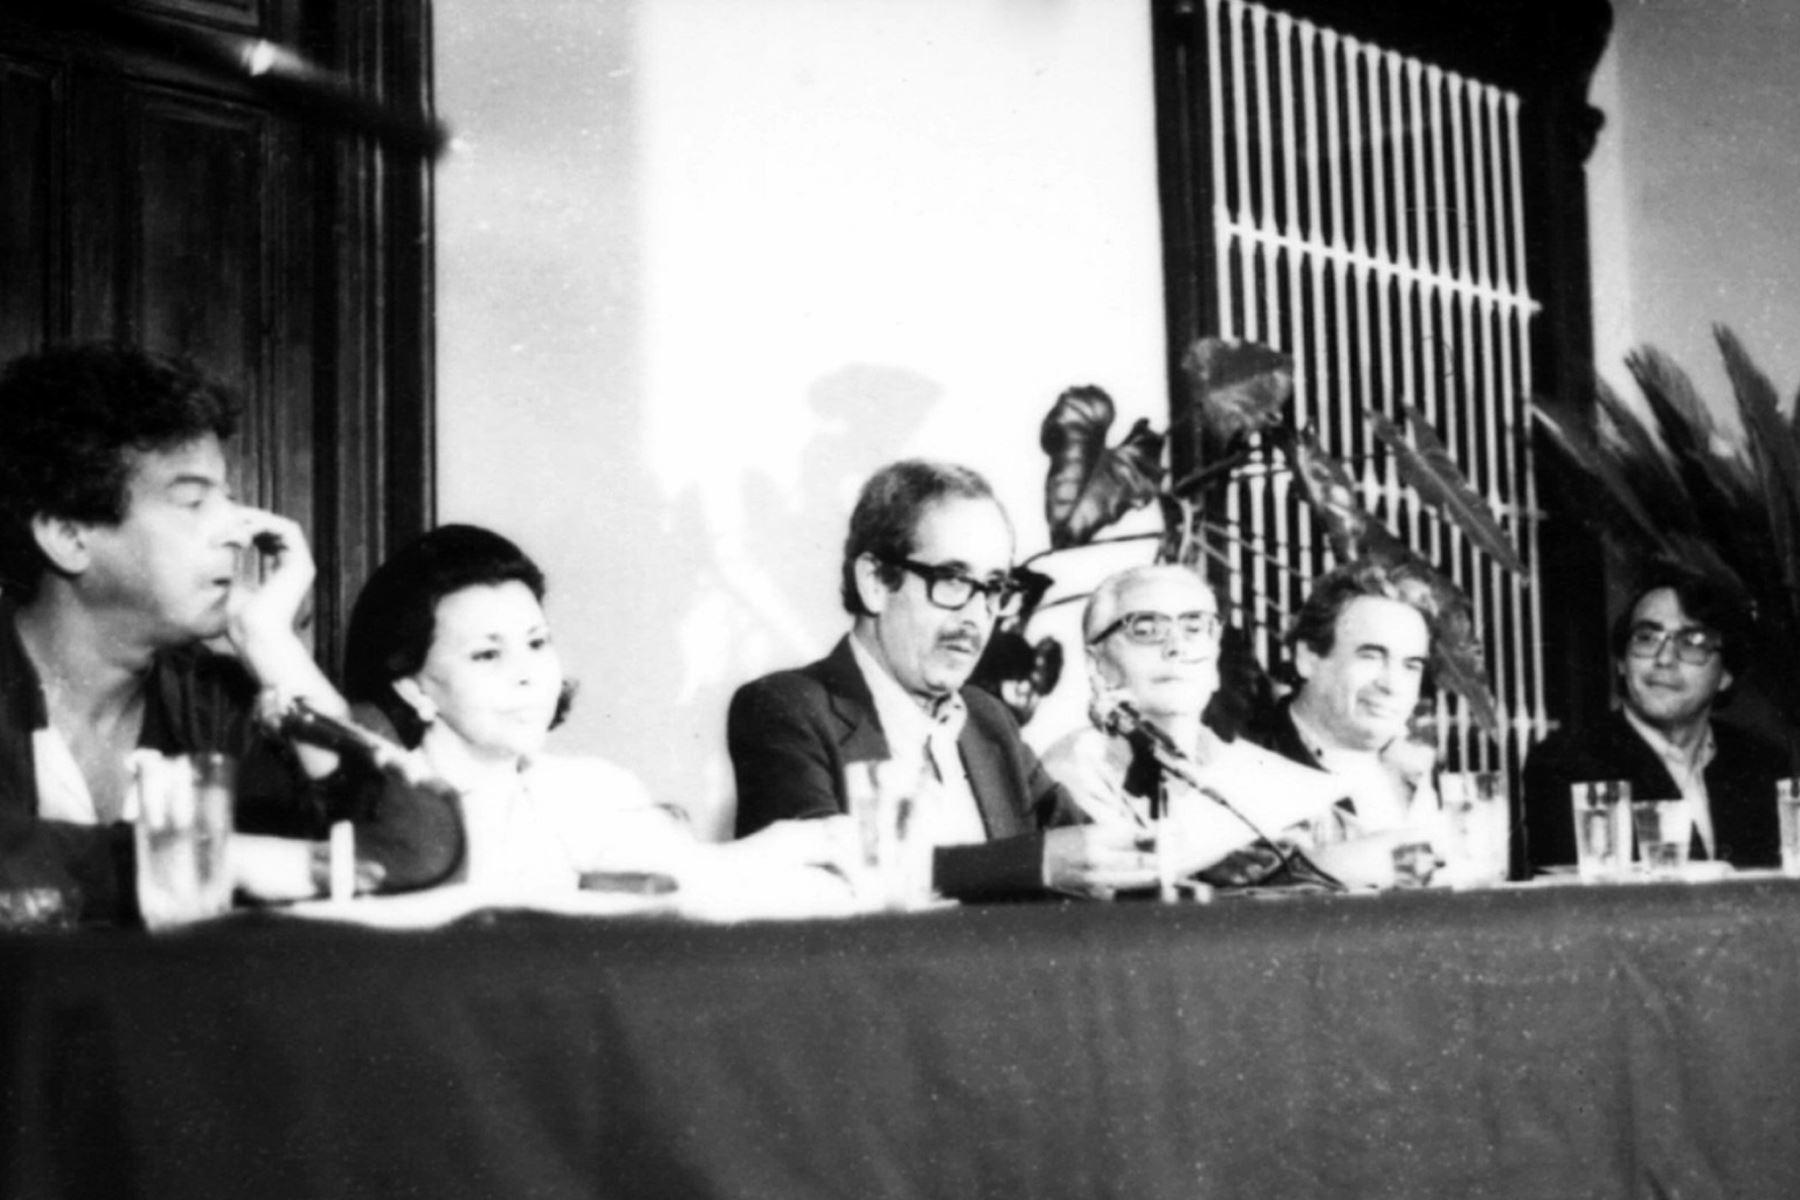 II Bienal de Poesía, Trujillo-Perú, 1987. En la foto  Antonio Cisneros, Blanca Varela, Jorge Eduardo Eielson, Javier Sologuren, Rodolfo Hinostroza y Abelardo Sánchez León. Foto: Archivo diario El Peruano